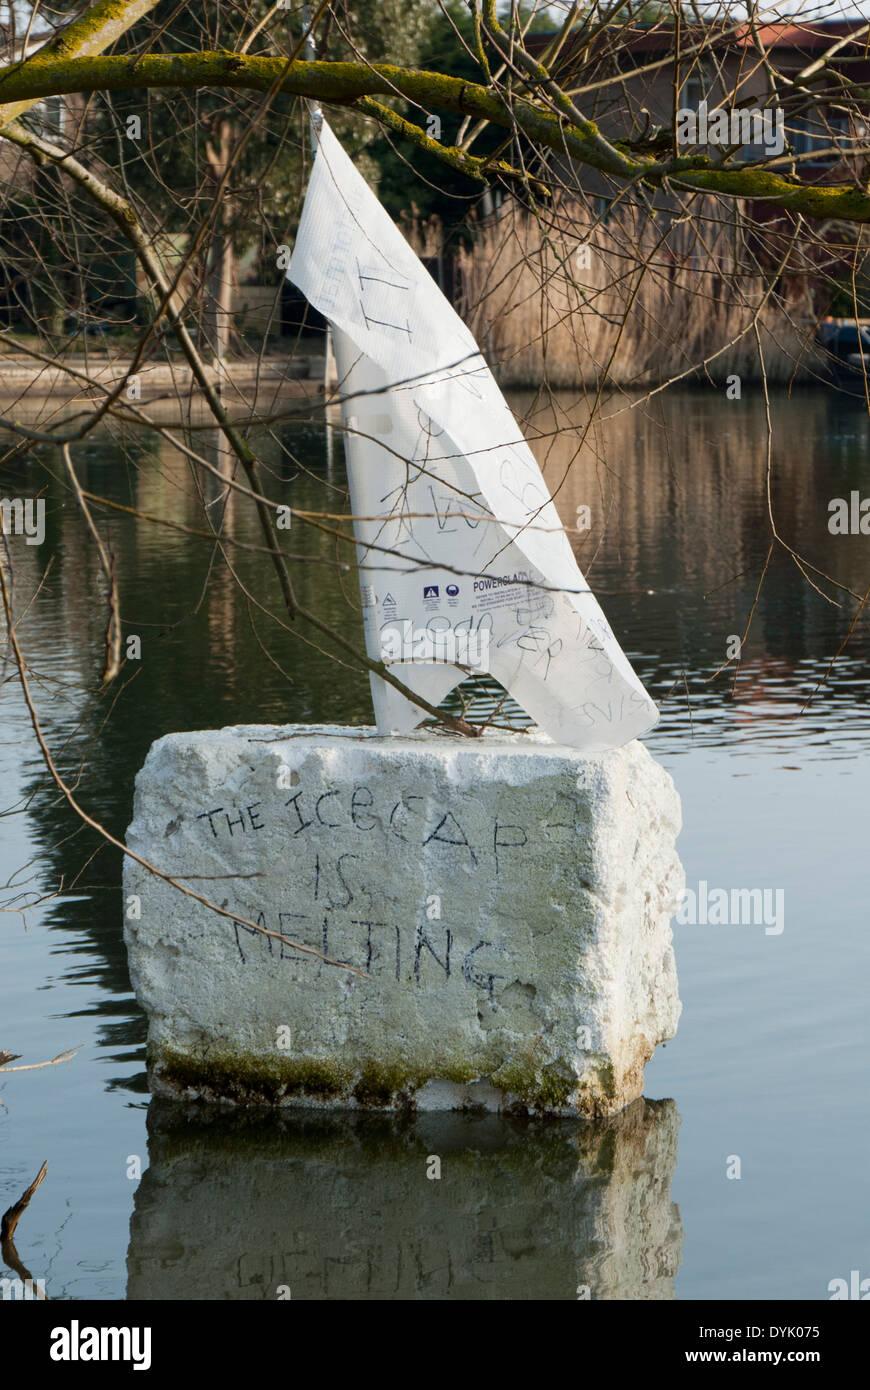 """Protest - Klimawandel dieser schwimmenden Stück Styropor mit einem Segel auf es liest: """"die Eiskappe schmilzt"""", River Thames, Großbritannien Stockbild"""